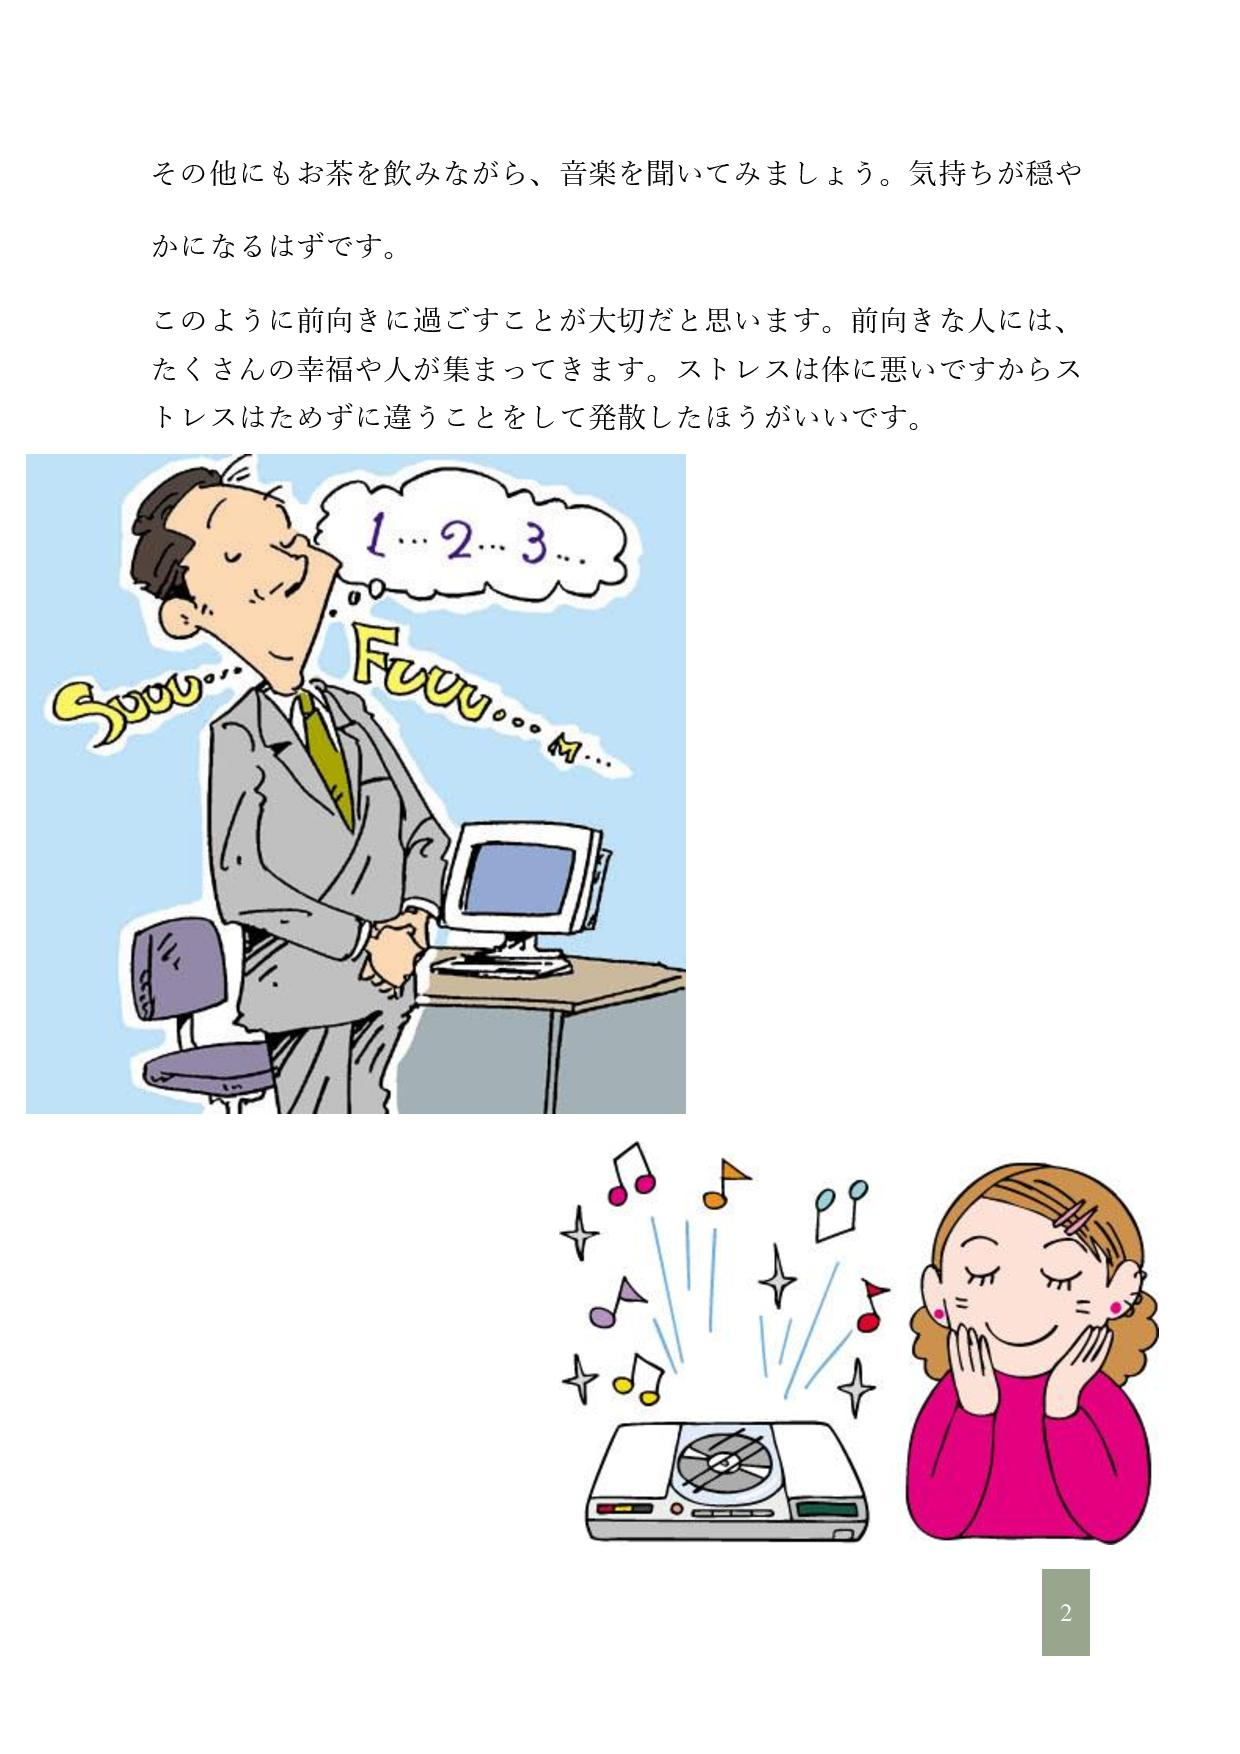 僕のストレス解消法(2)